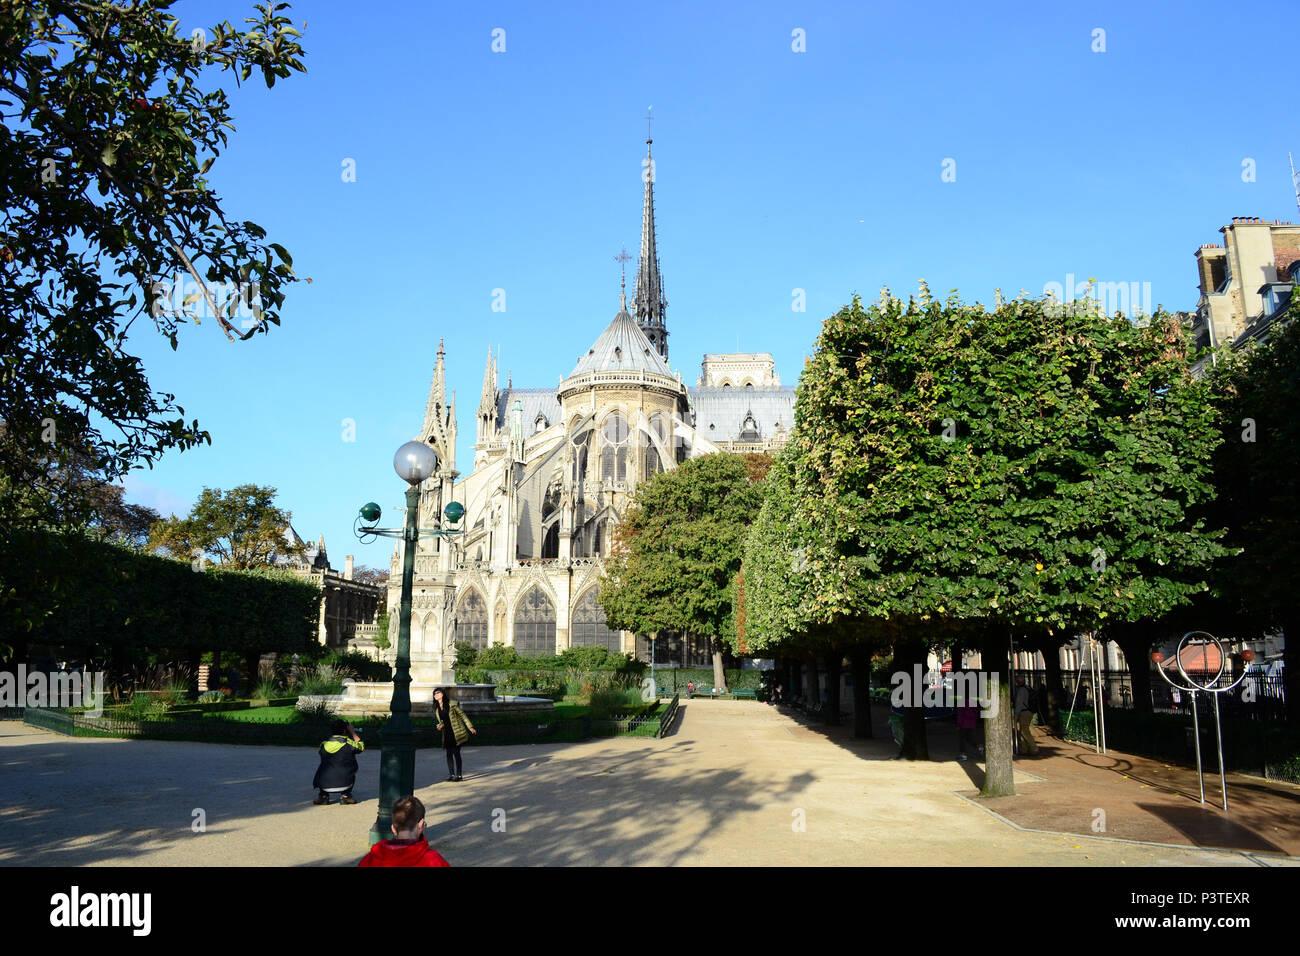 PARIS, FRANÇA - 17.10.2013: París - Praça Jean XXIII, localizada atrás da Catedral de Notre Dame. (Foto: Fontana / Fotoarena) Imagen De Stock